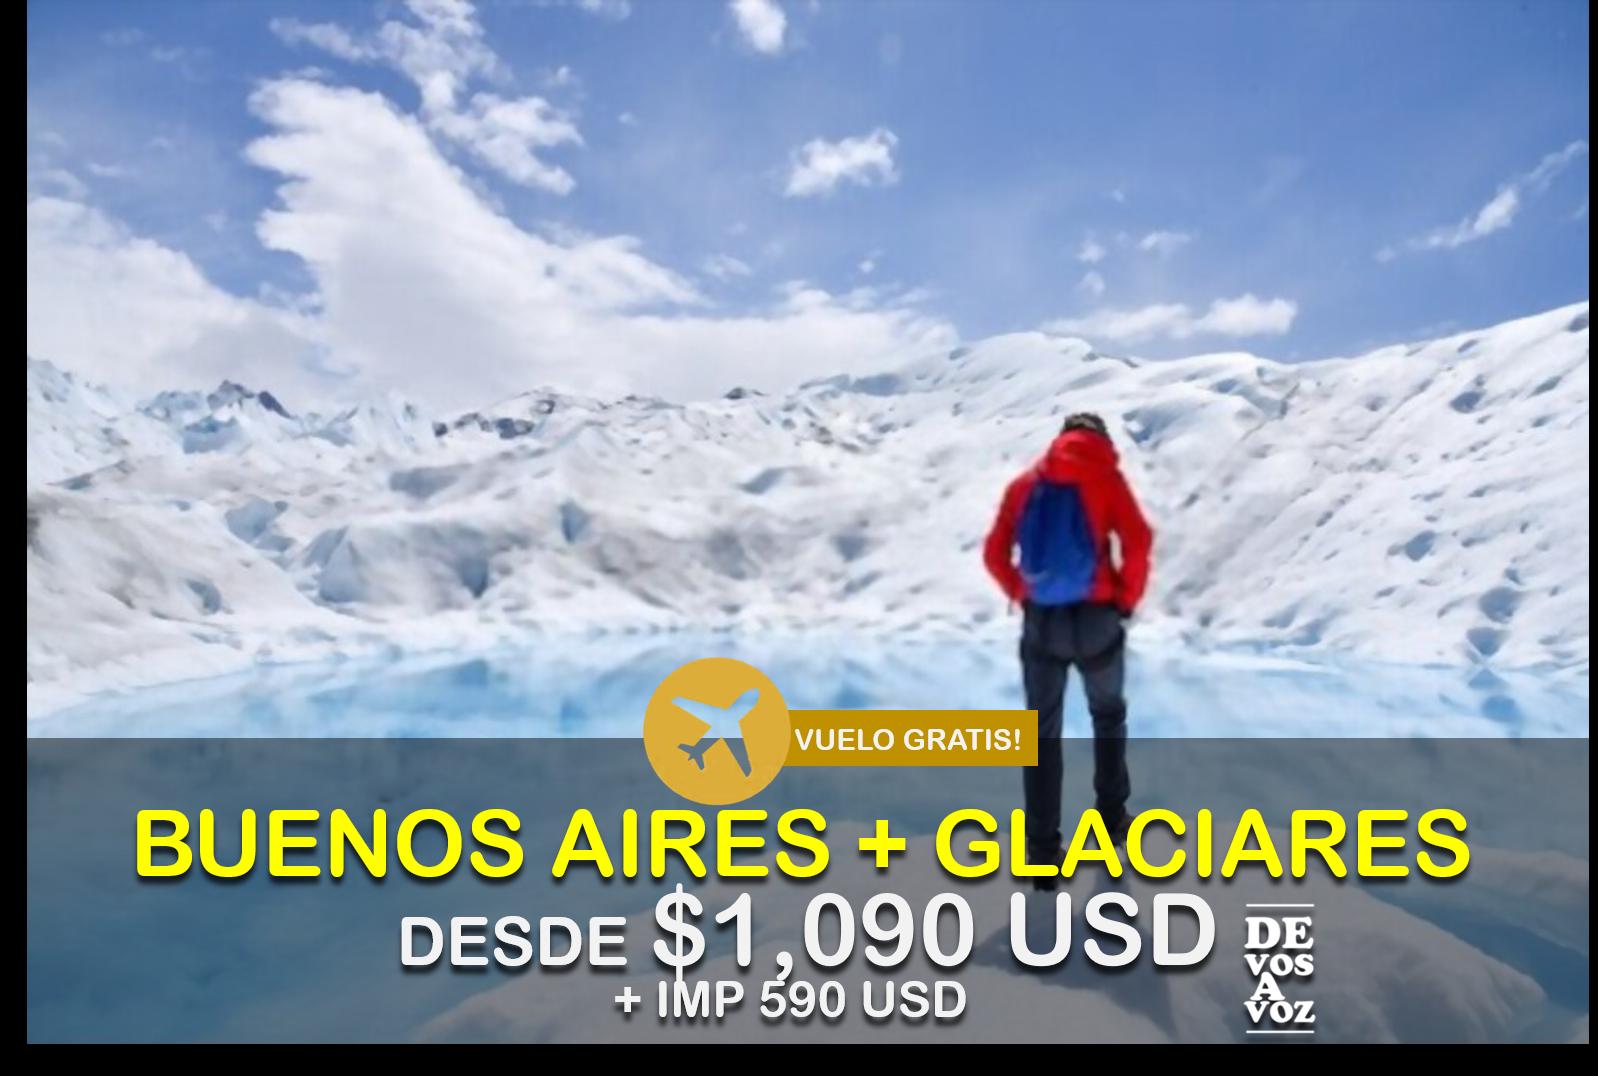 BUENOS AIRES +  GLACIARES